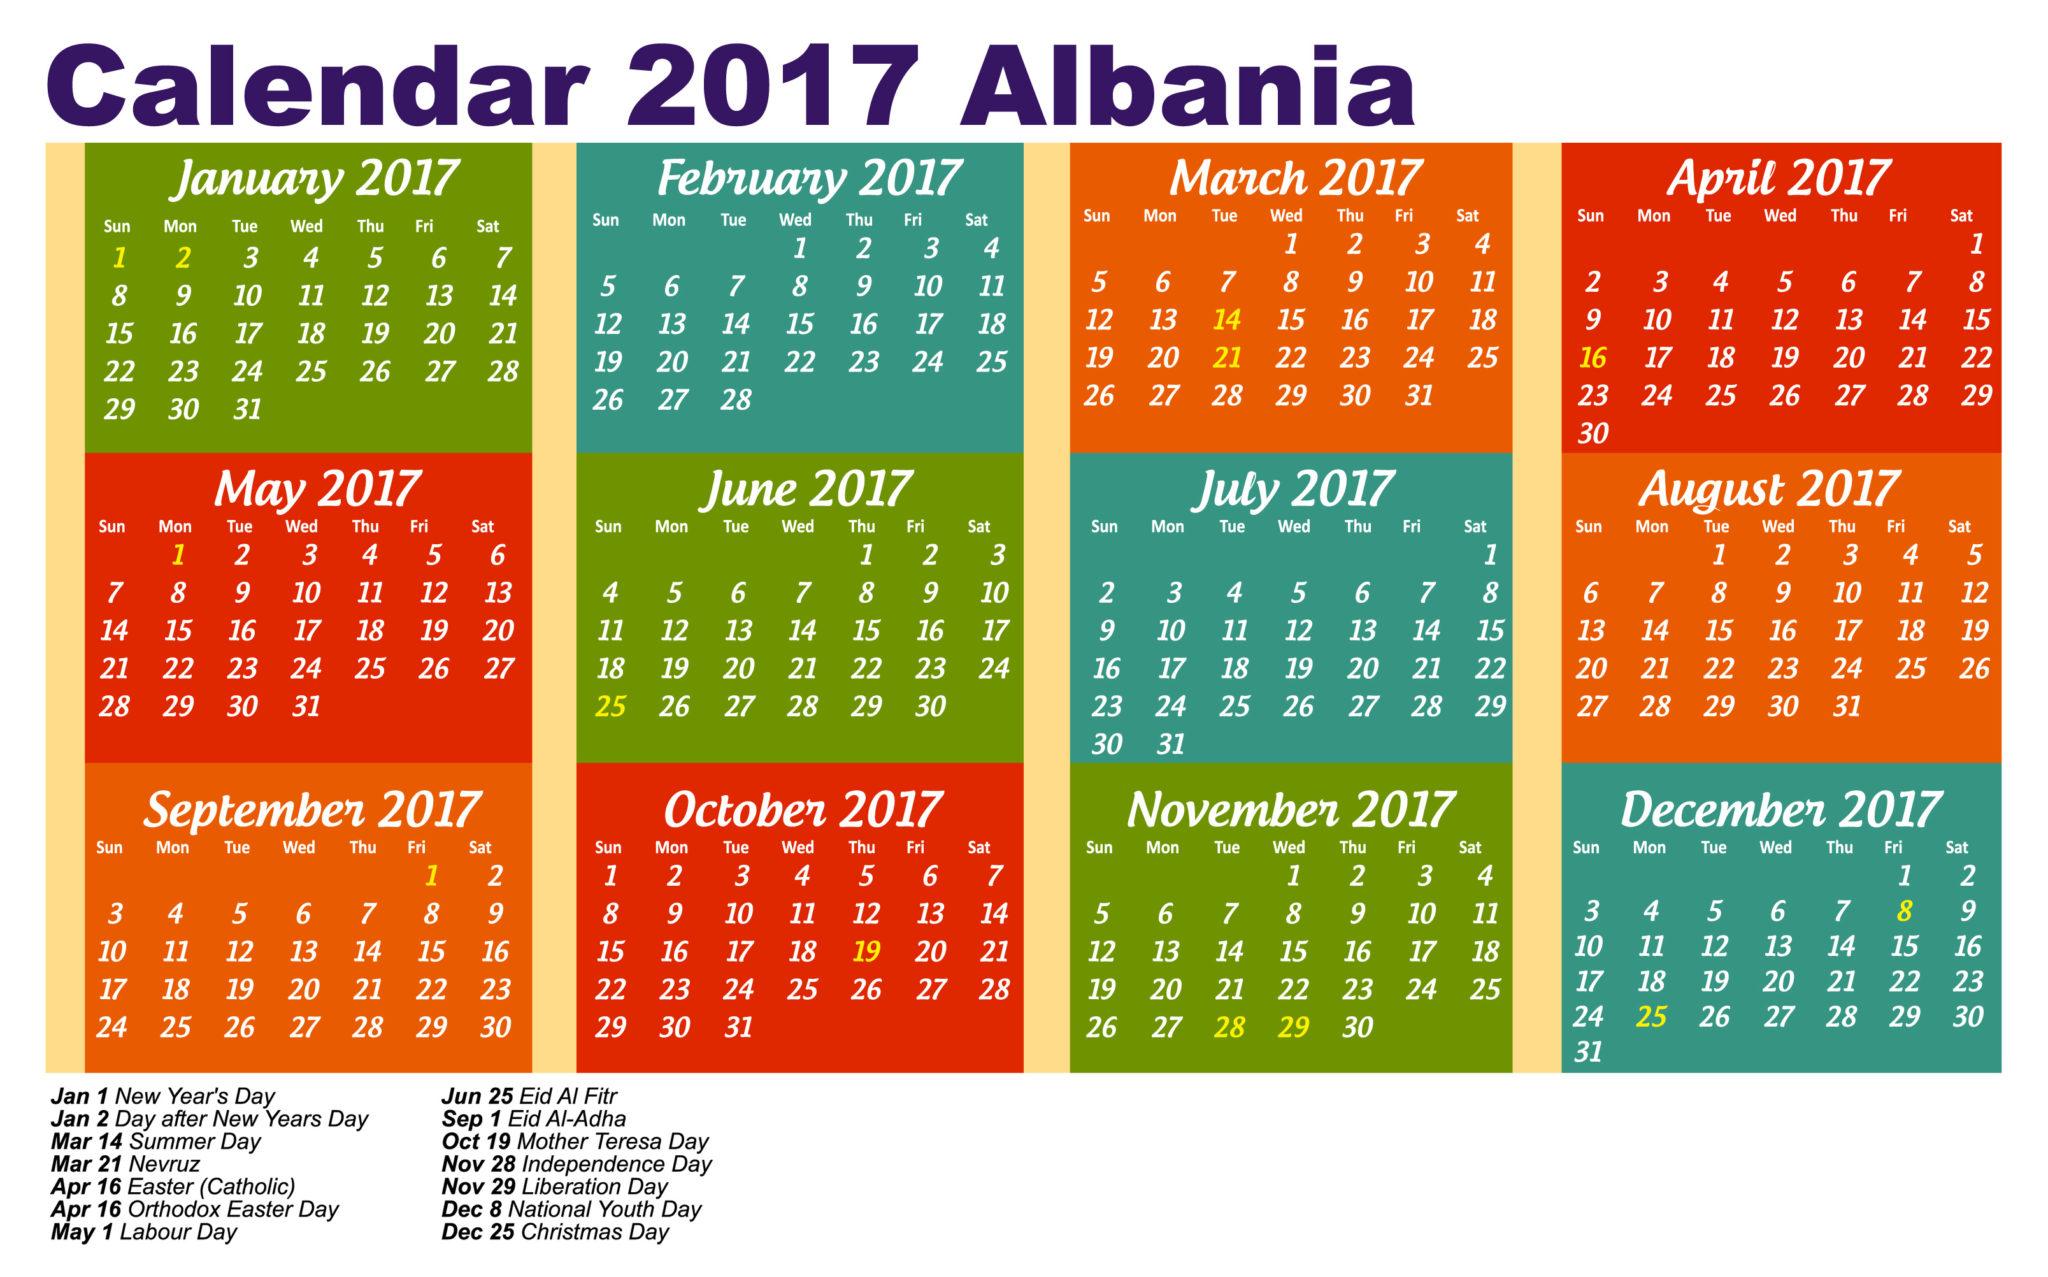 calendar april 2017 with holidays malaysia